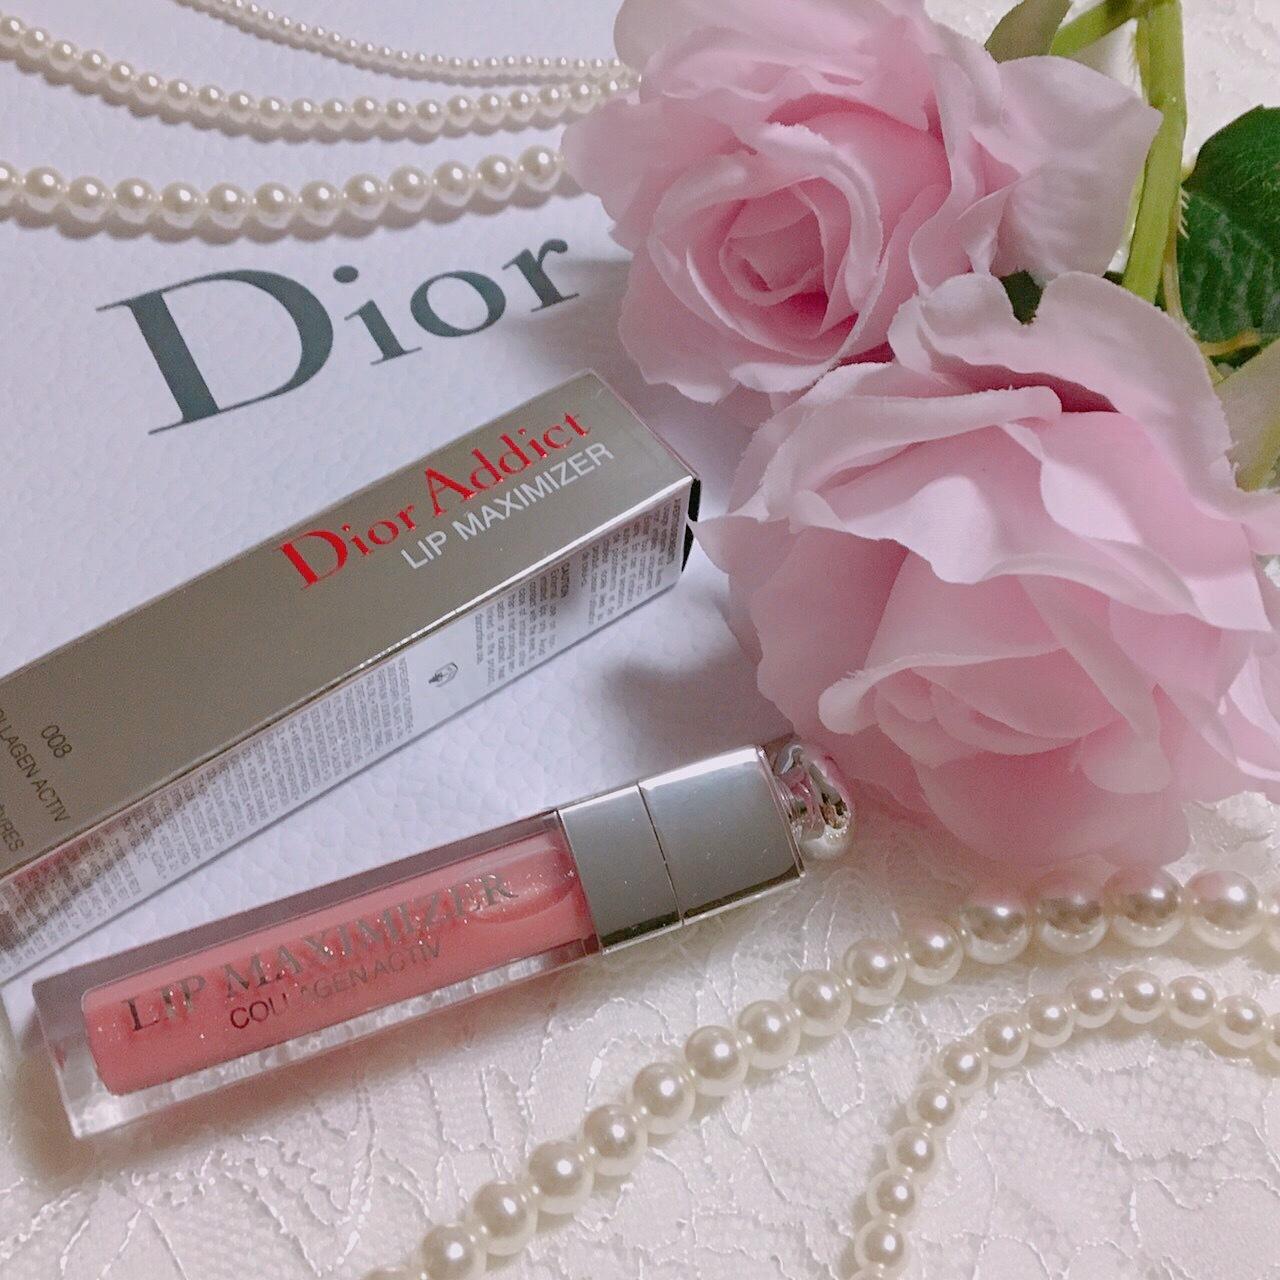 """【 第19回❤︎ 】あっという間にぷるぷるな唇へ!Diorの""""リップマキシマイザー""""*_1_1"""